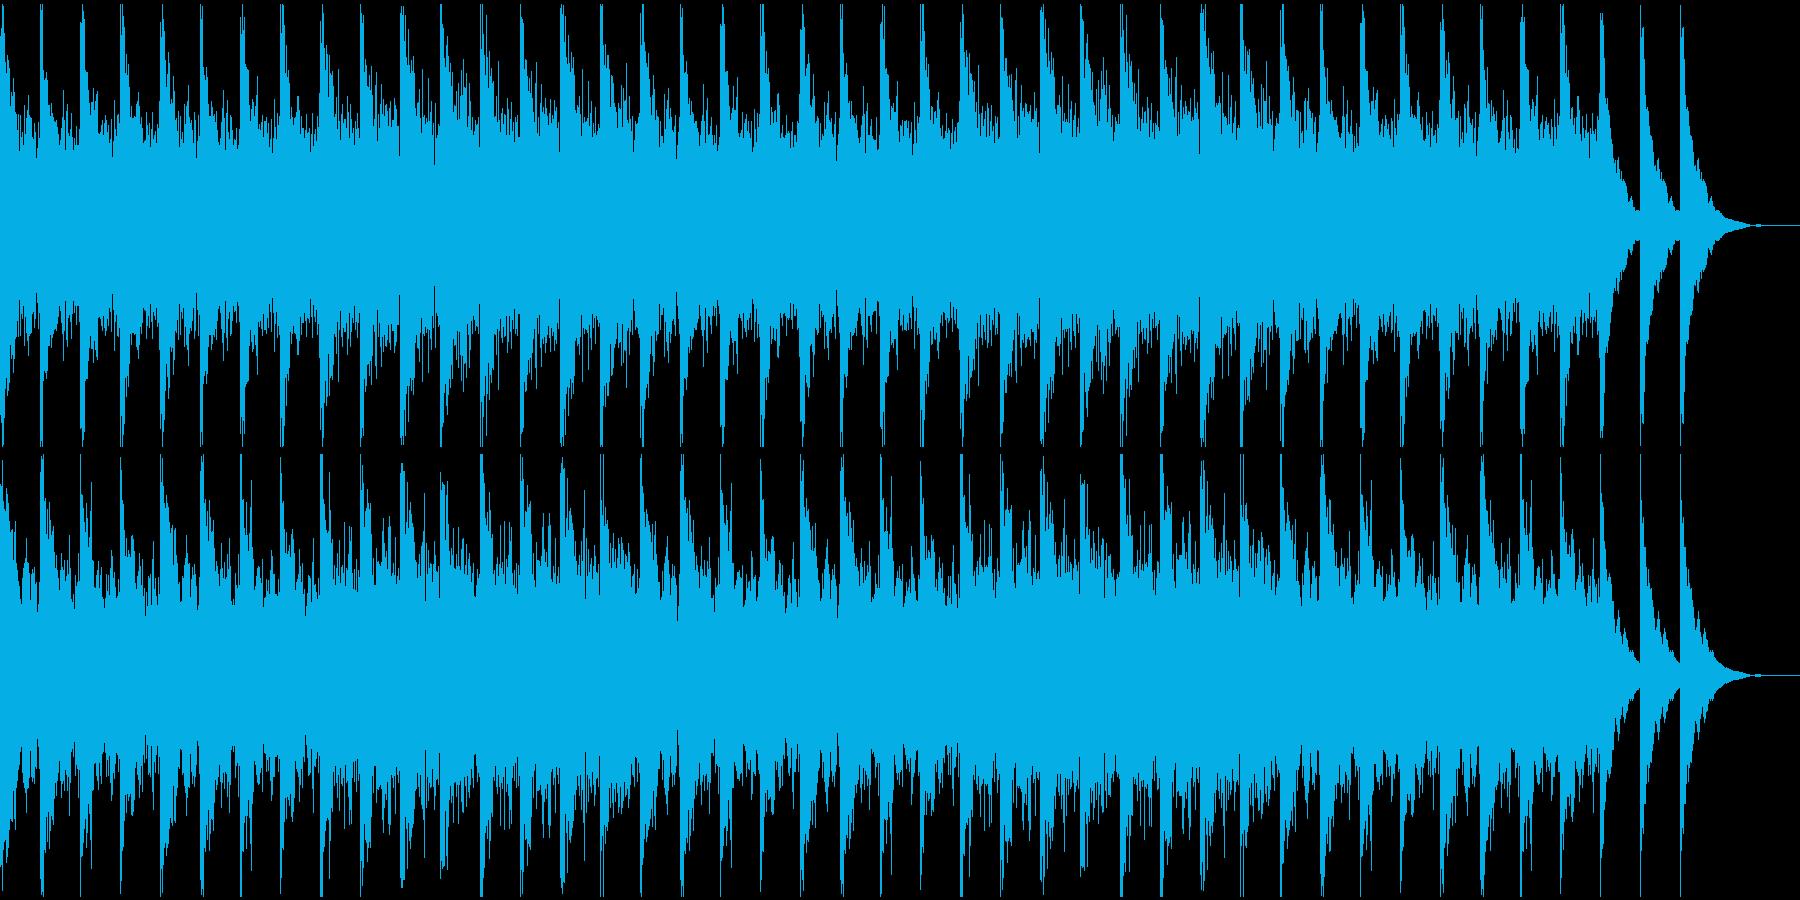 ノイズが不気味なBGMの再生済みの波形